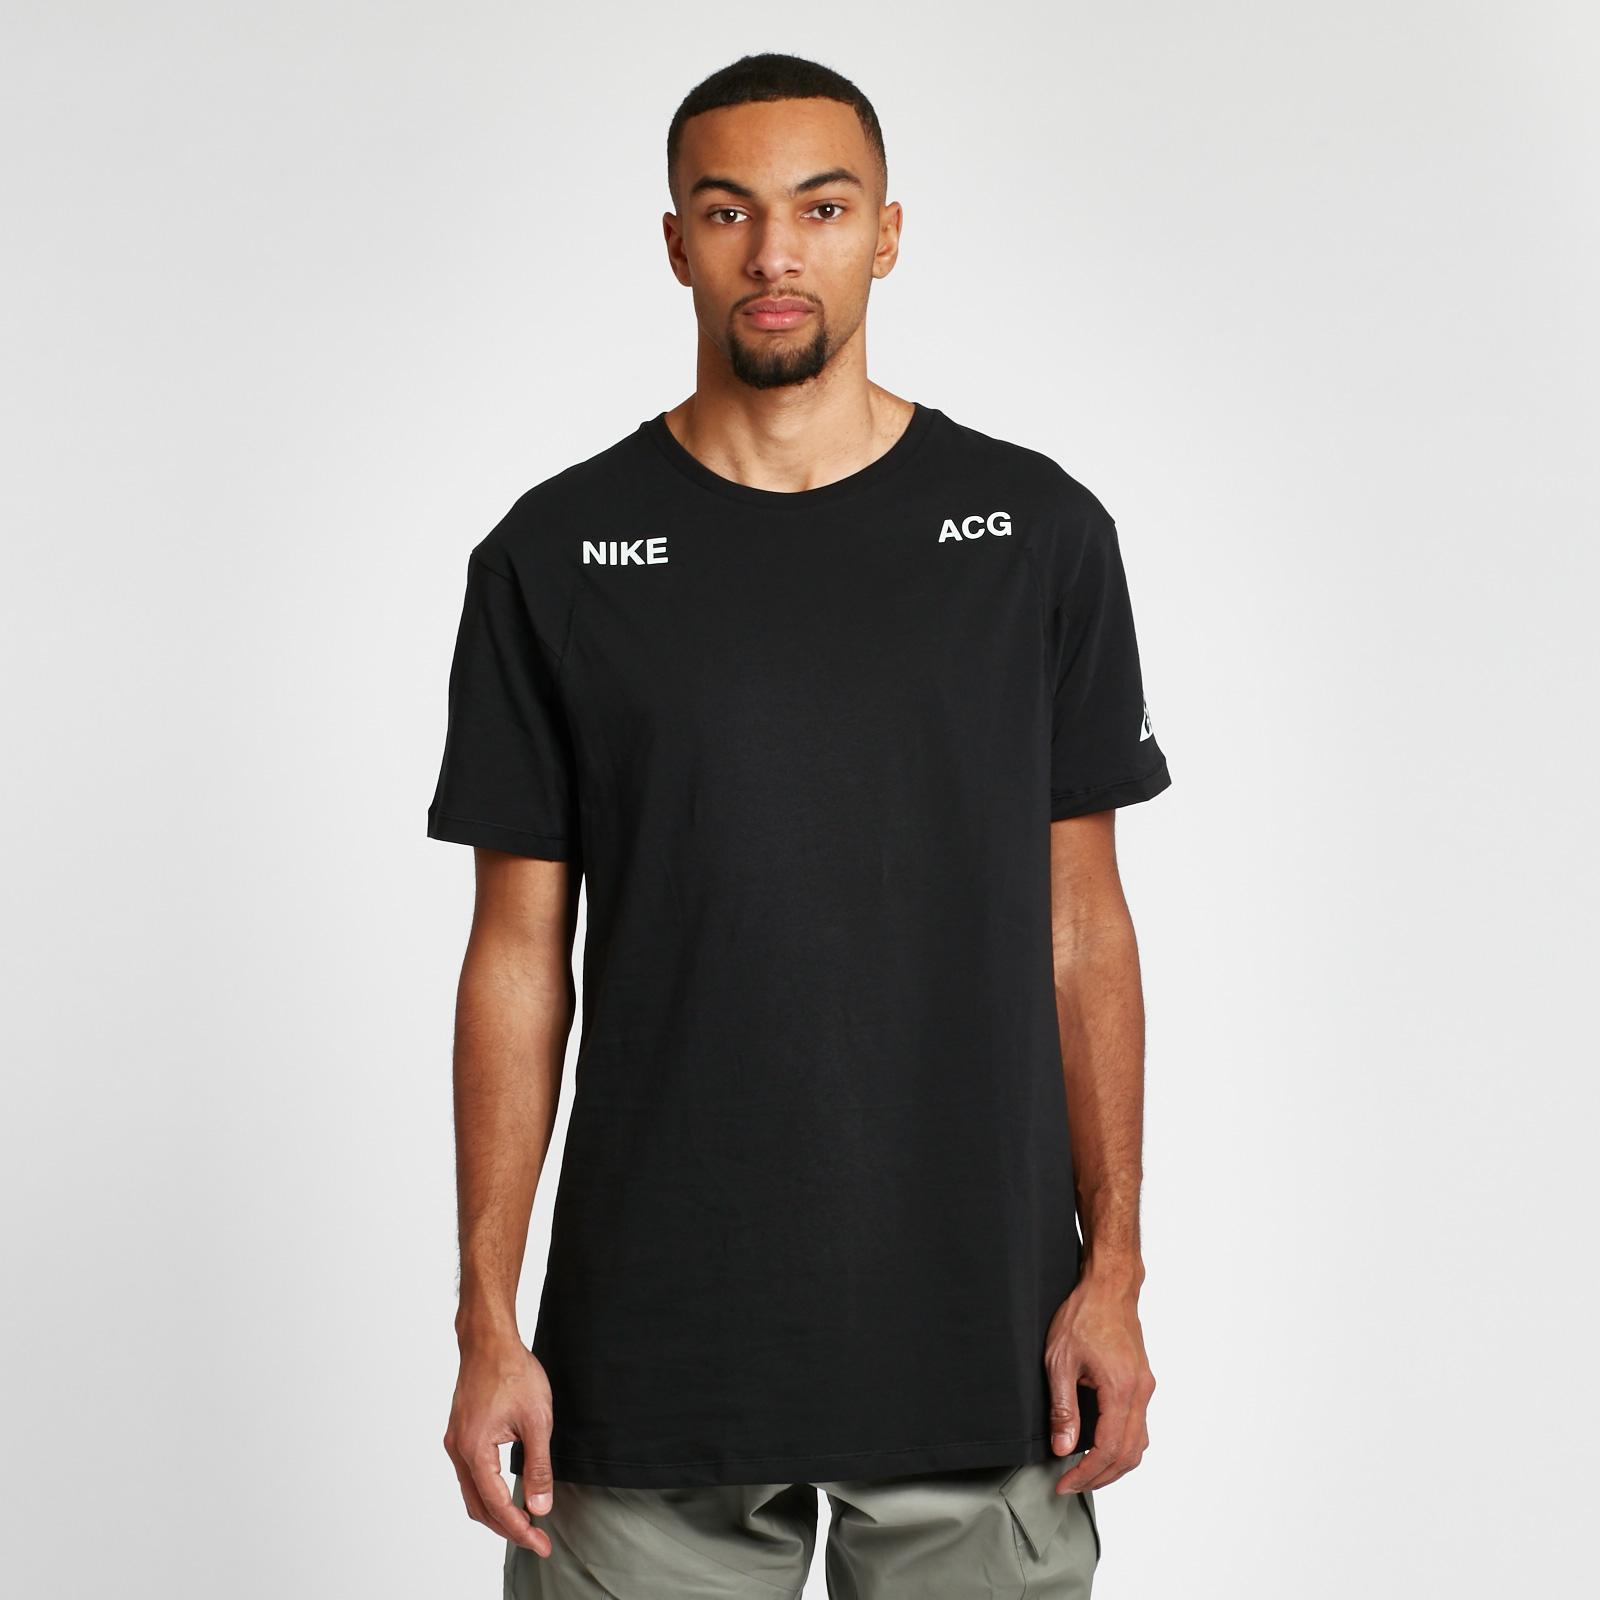 01f37bd8 Nike M ACG Tee Shirt - 918906-010 - Sneakersnstuff | sneakers ...